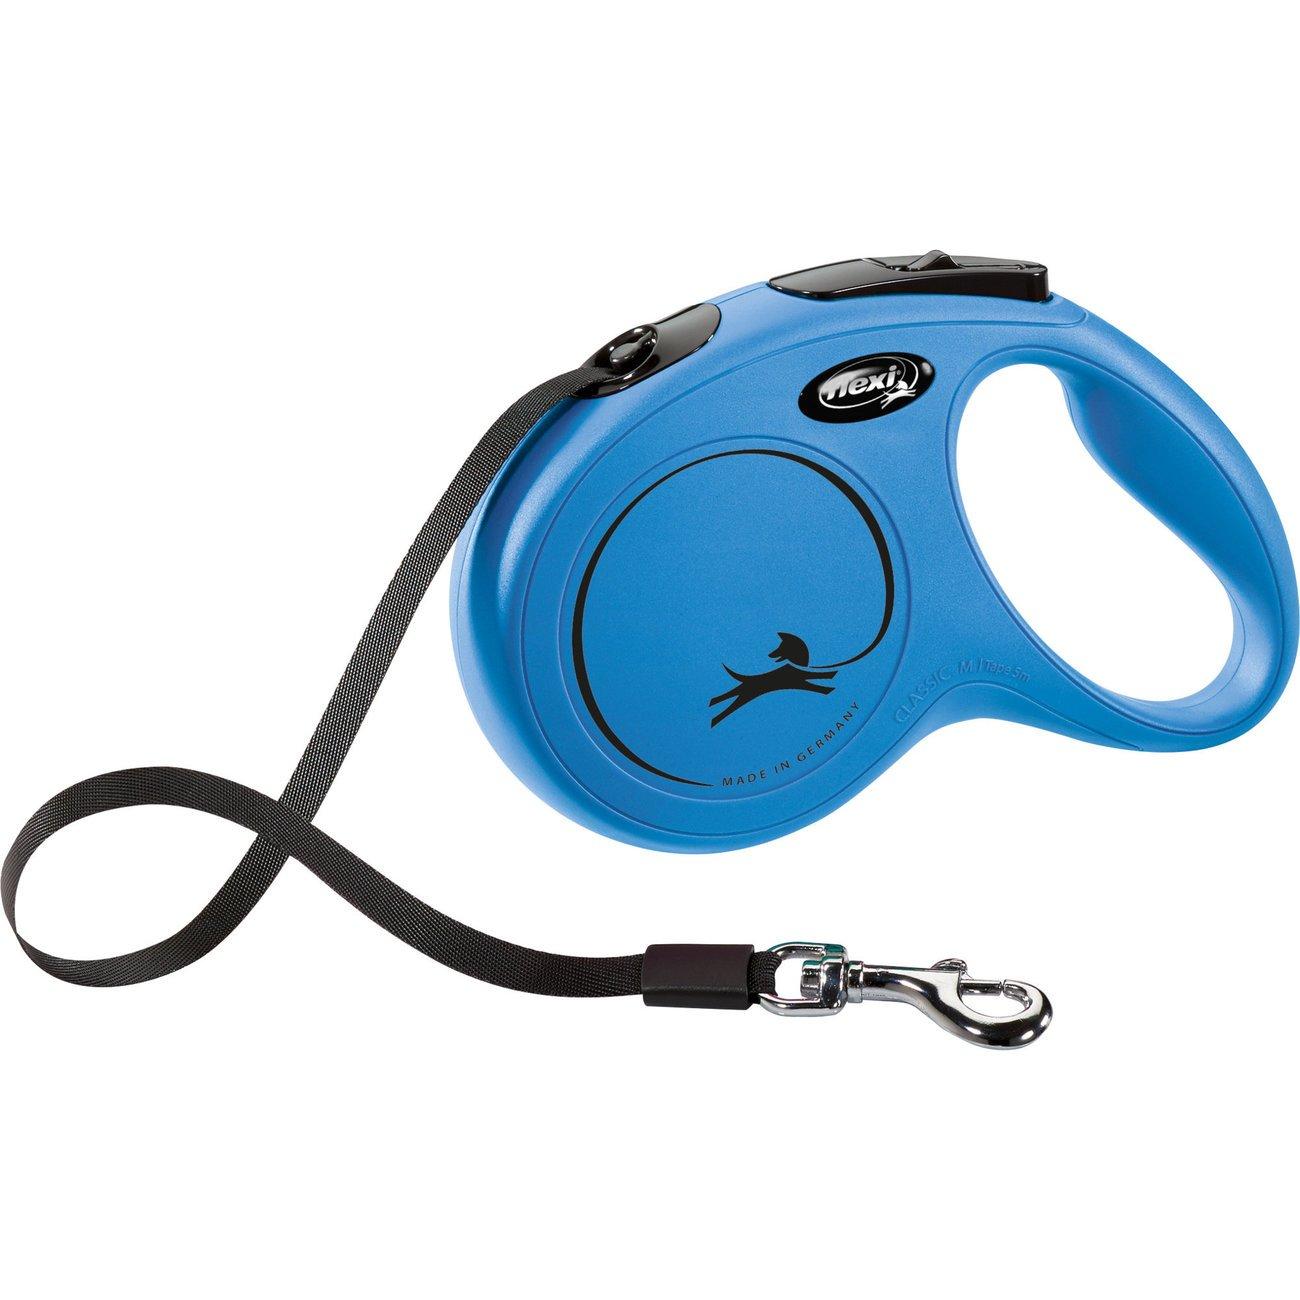 flexi NEW CLASSIC Gurt Rollleine, M: 5 m, bis 25 kg, blau